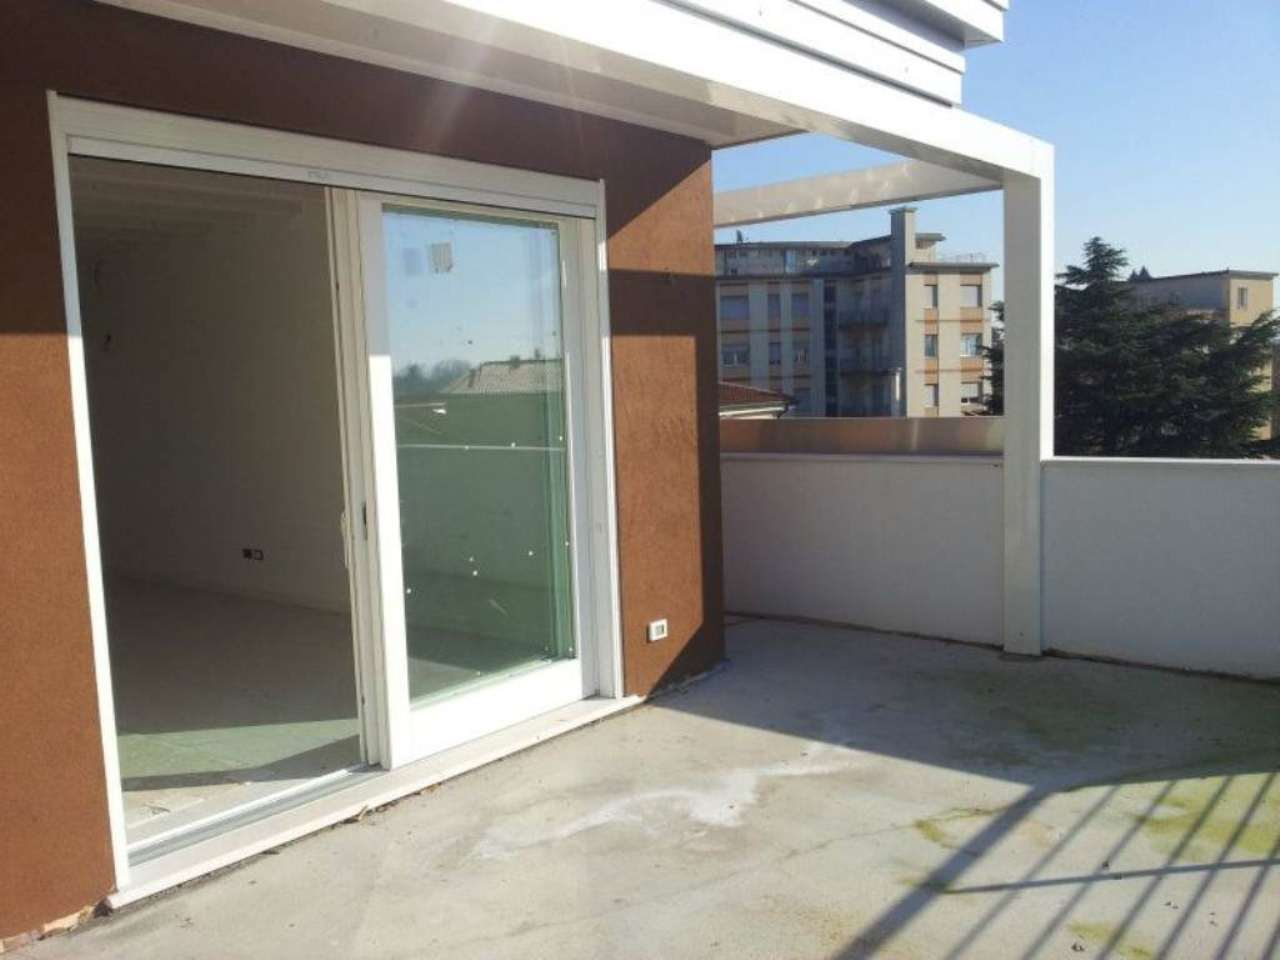 Attico / Mansarda in vendita a Treviso, 6 locali, prezzo € 690.000 | CambioCasa.it